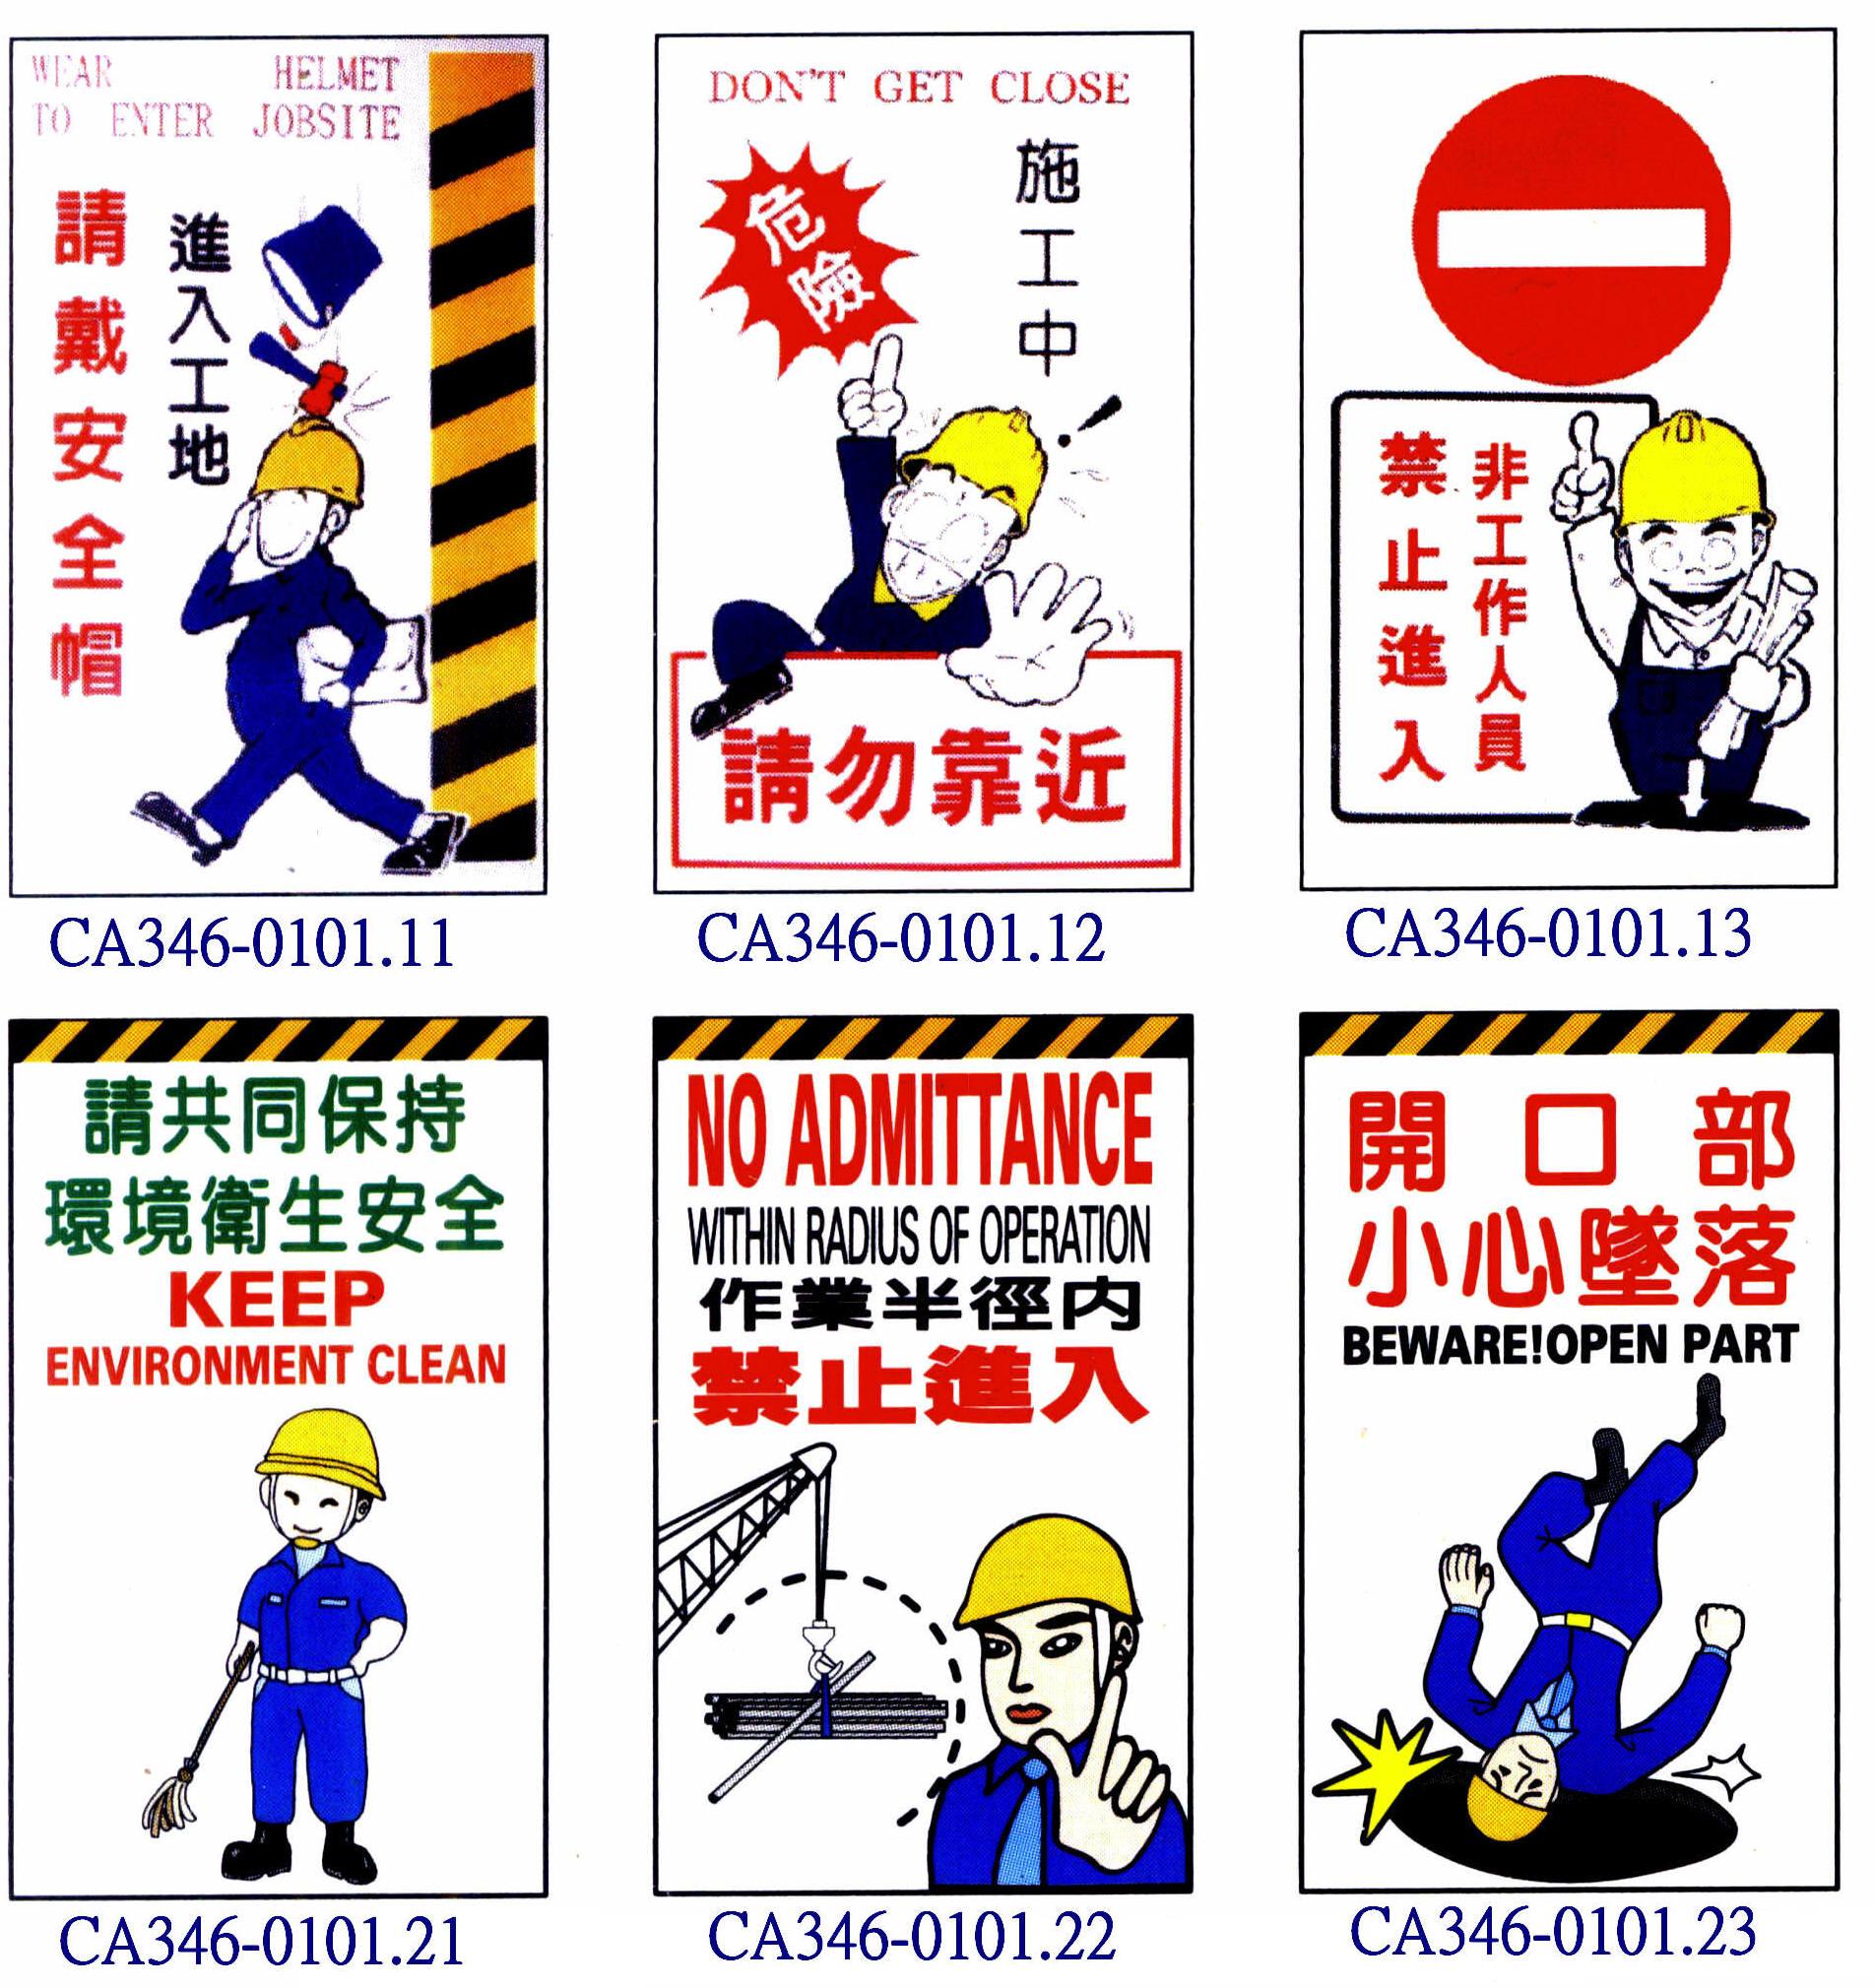 施工工地安全标语 施工工地大门标语 工地文明施工标语